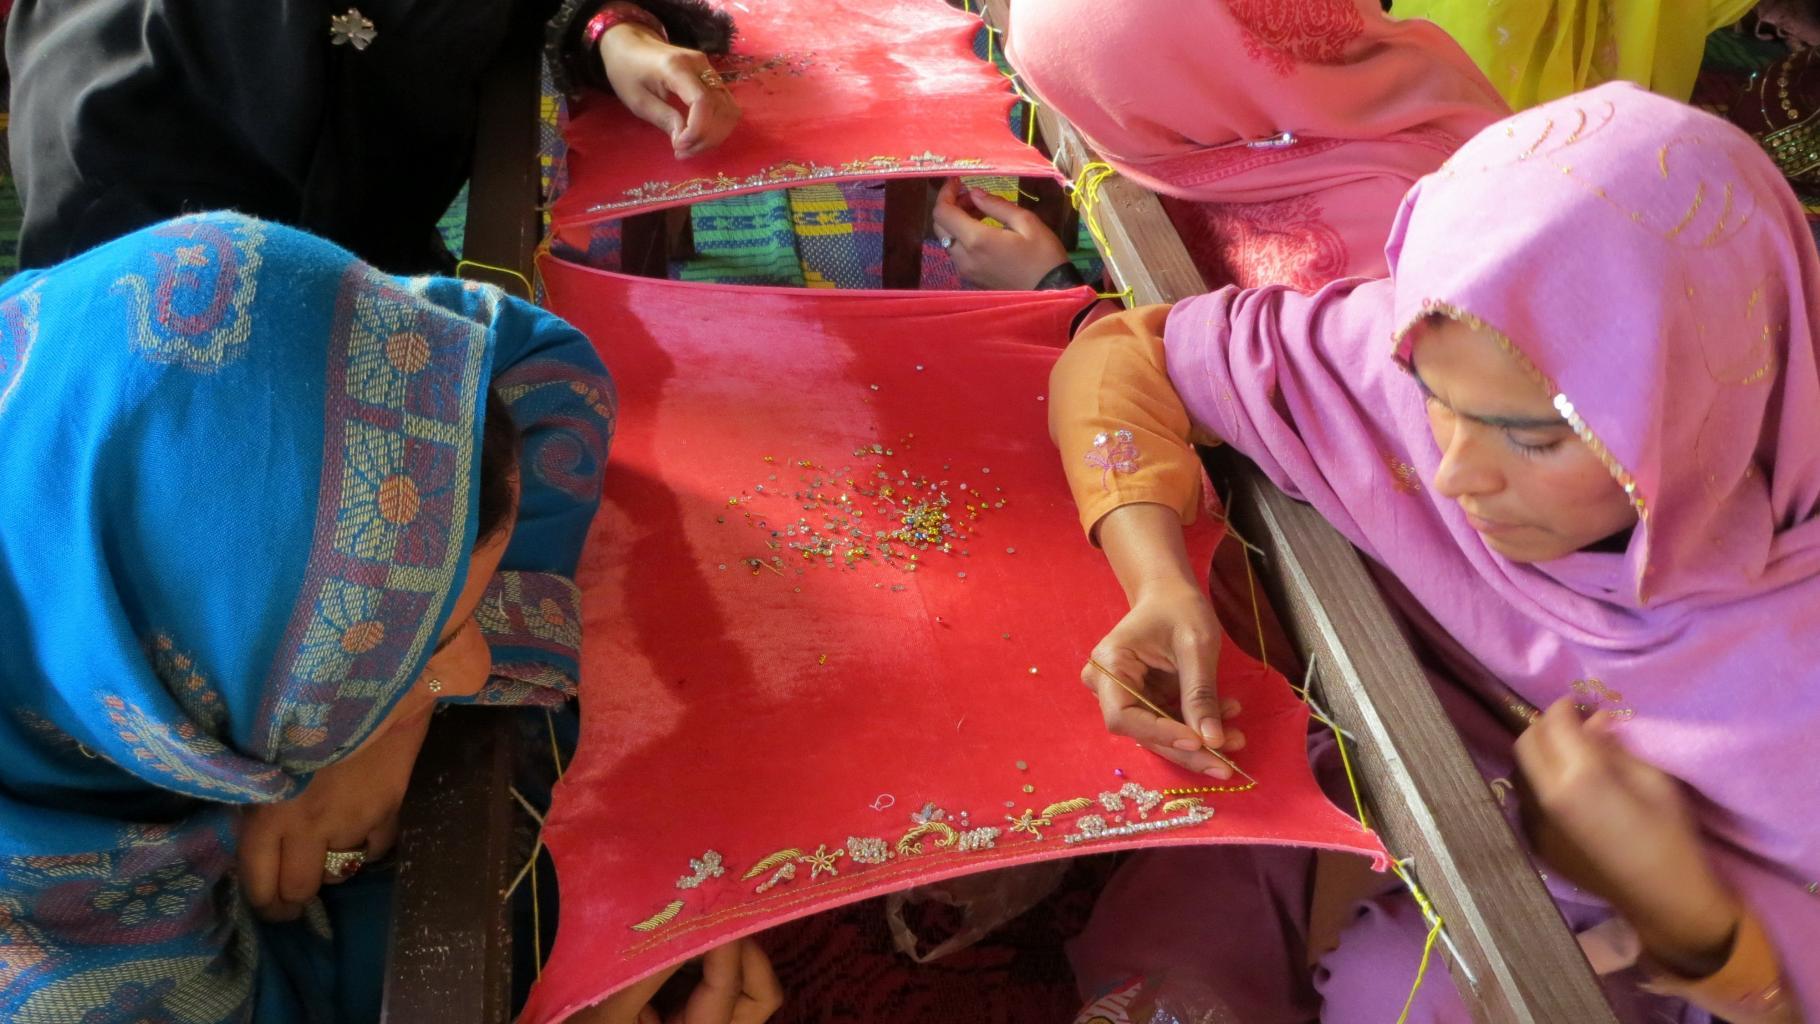 Vier Frauen sitzenumd einen Stickrahmen und bearbeiten zu zweit ein zu bestickendes Tuch